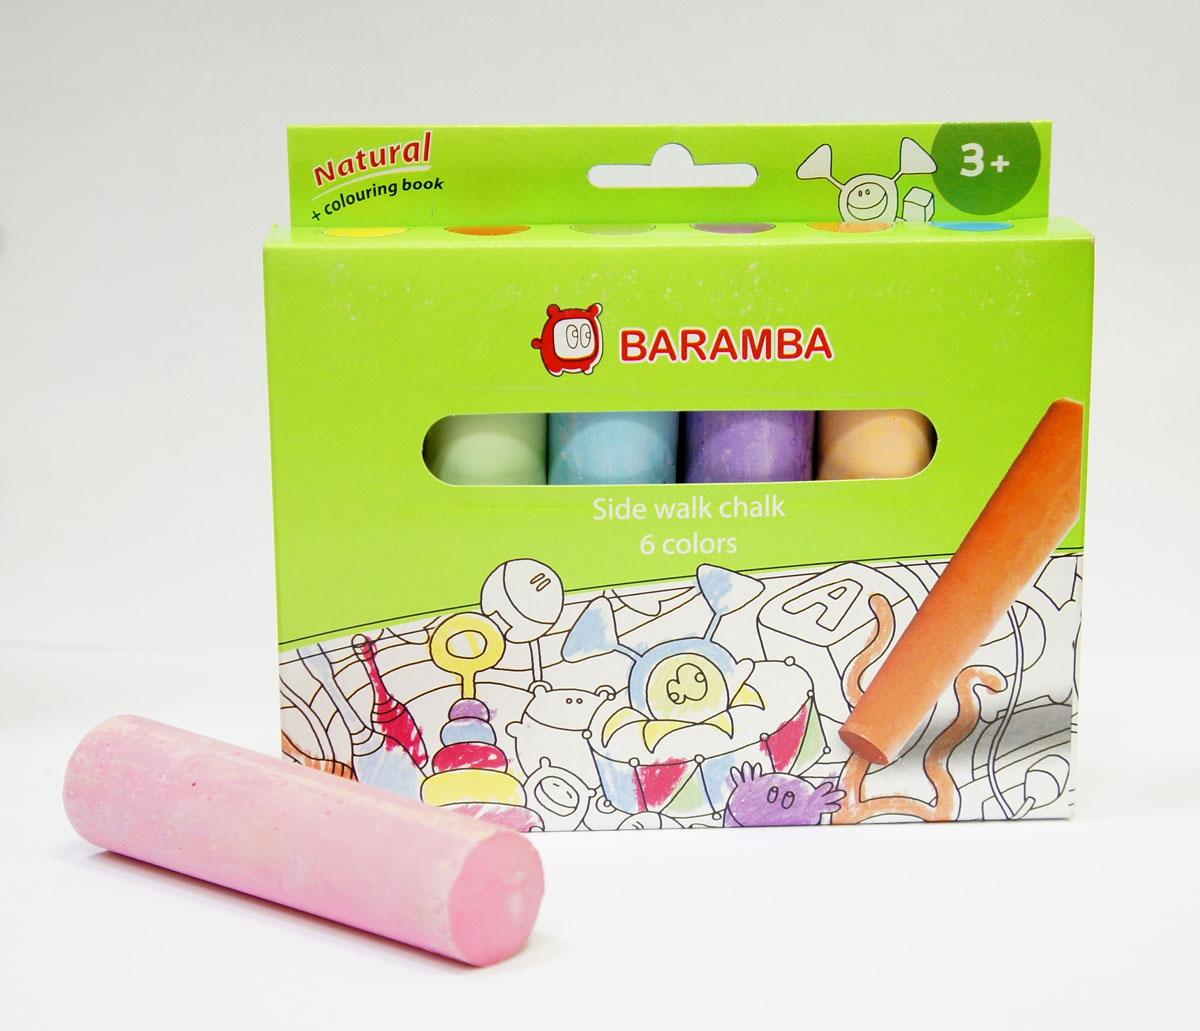 Мел для асфальта Baramba, 6 цветовB00060Мел для асфальта Baramba включает в себя 6 мелков ярких цветов. Мелки предназначены для рисования на асфальте. Благодаря крупному размеру и форме, мелки удобно держать в руке. Мел удобен в использовании, не крошится, не царапает доску, не пачкает руки. Рисование разноцветными мелками способствует развитию творческих способностей малыша, воображения и мелкой моторики рук.Не рекомендуется детям до 3-х лет.